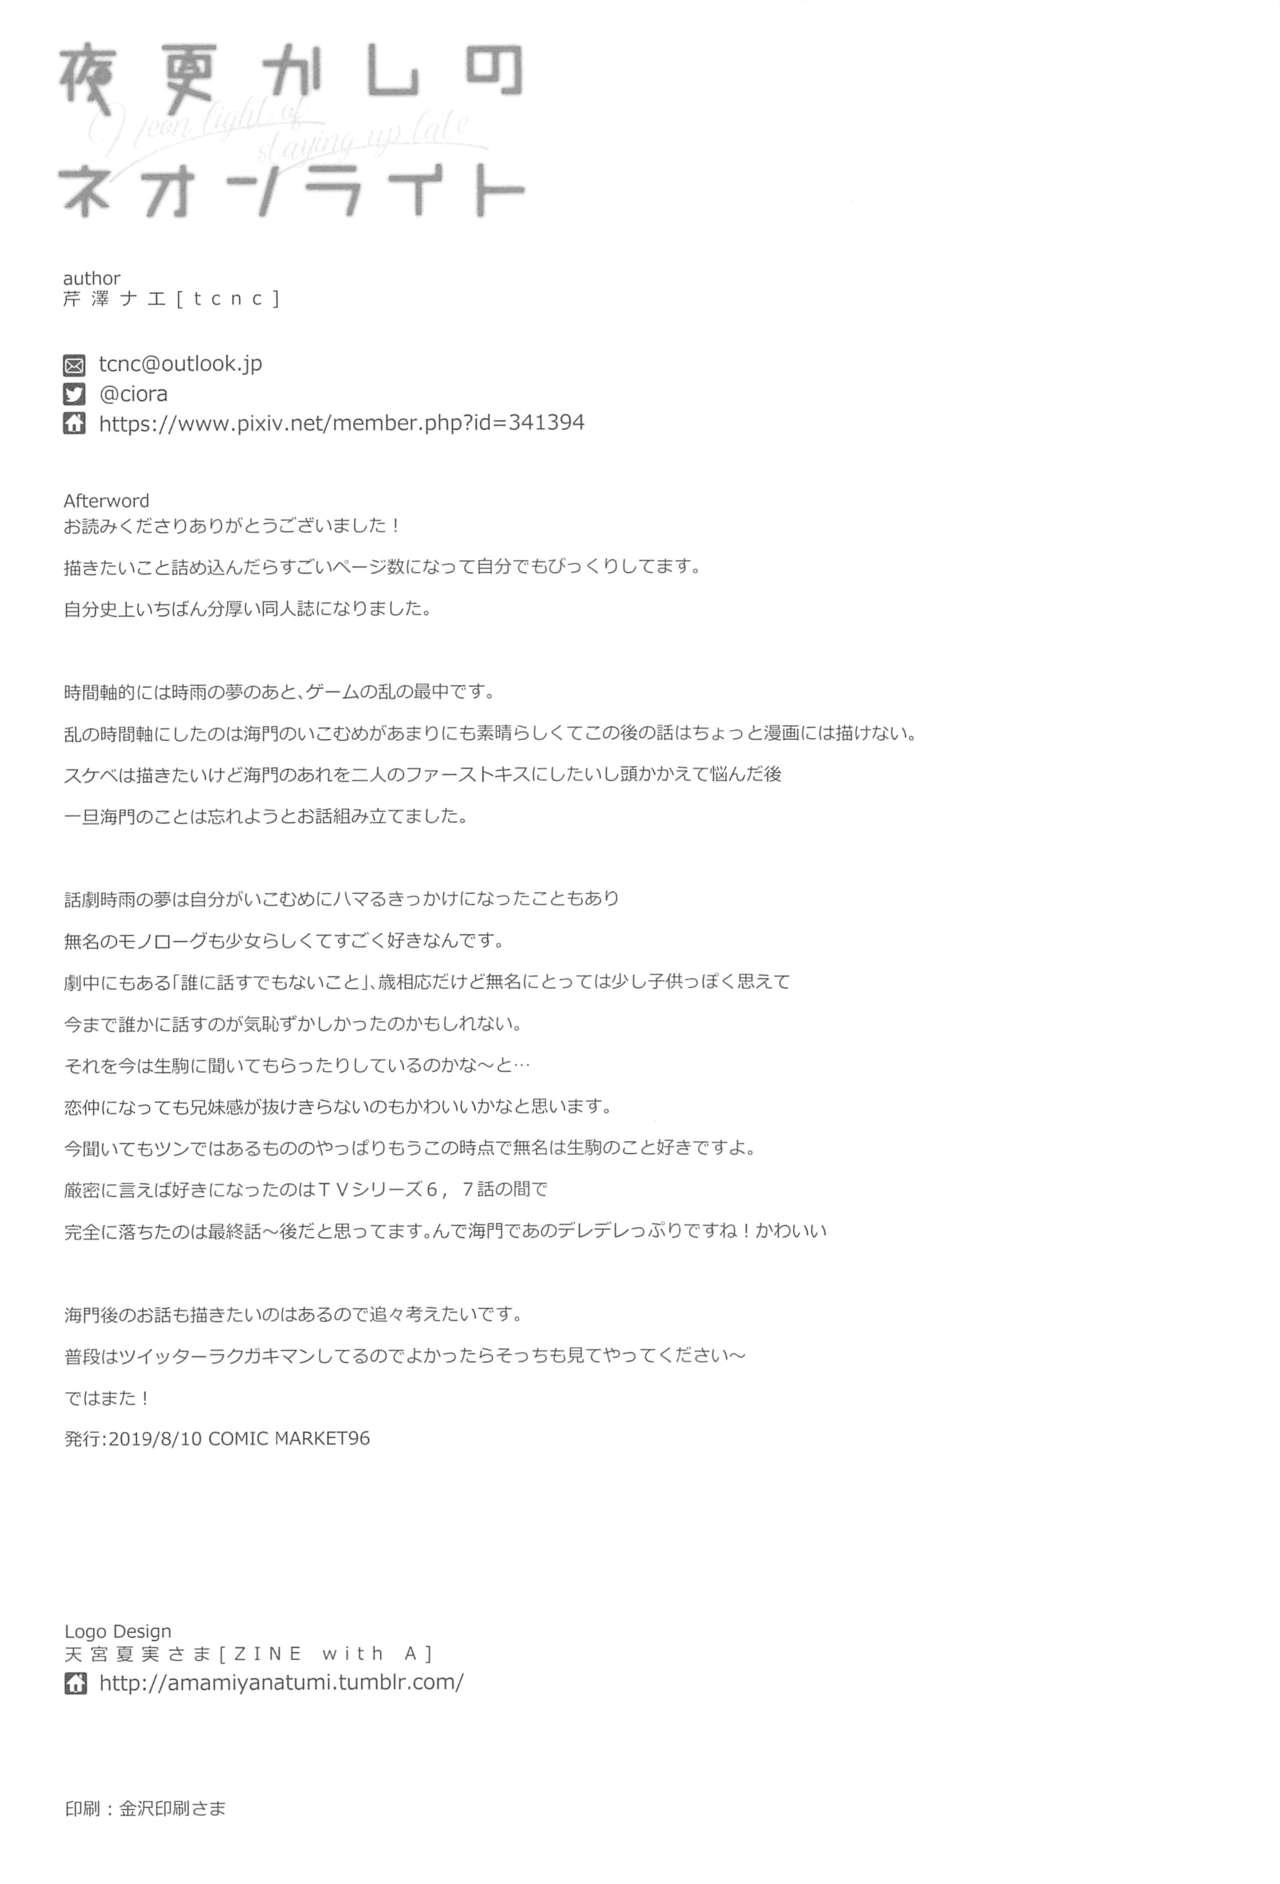 Yofukashi no Neon Light - Neon light of staying up late 47